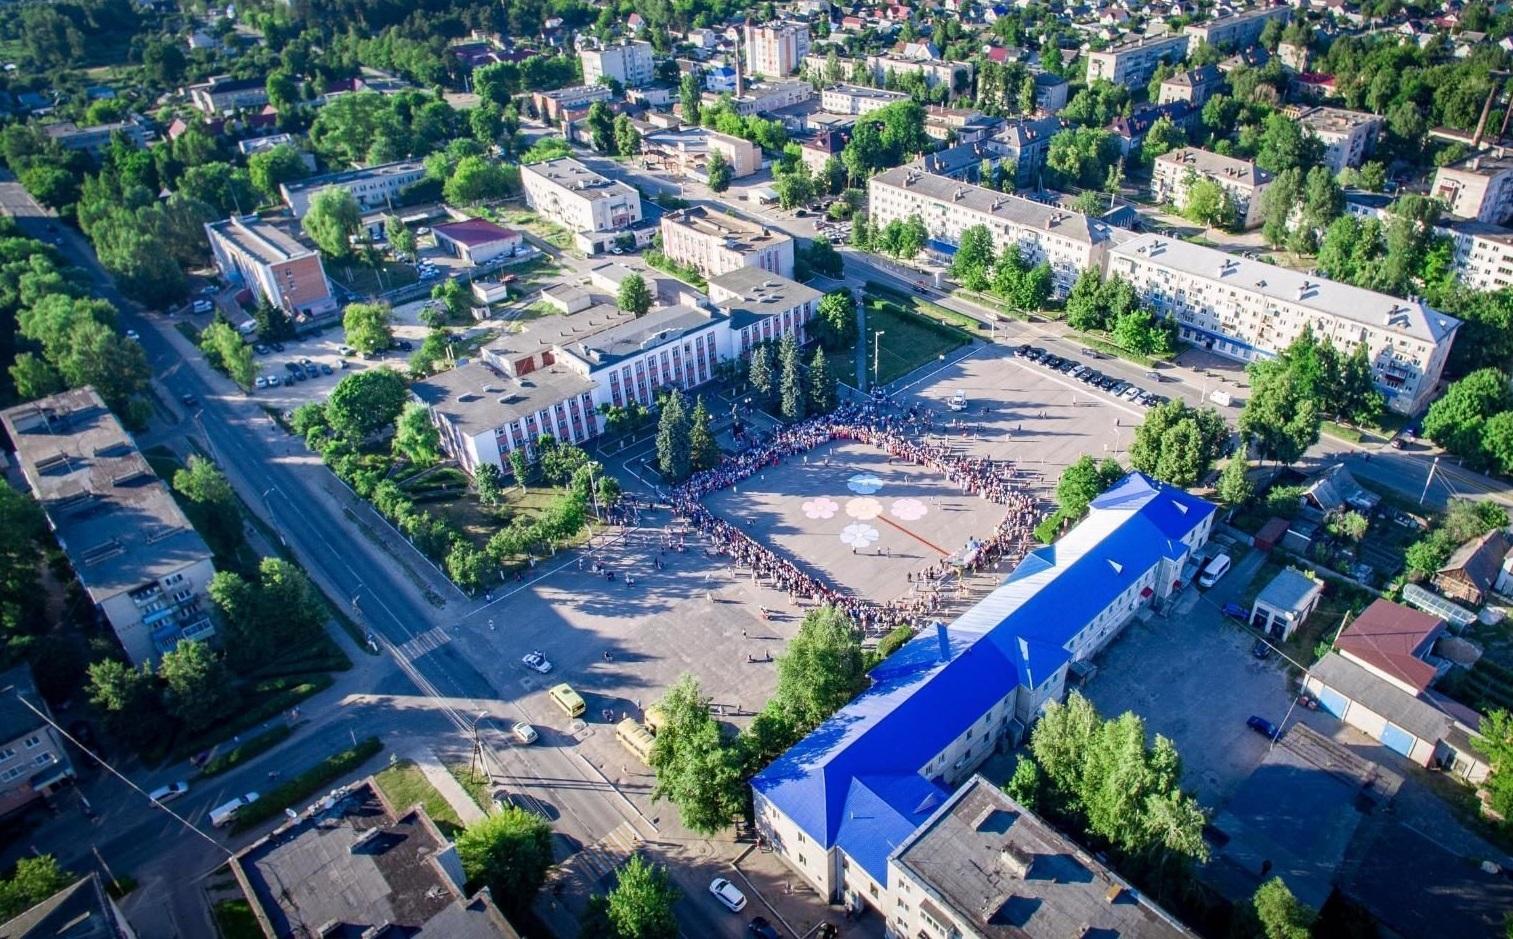 5 общественных 10 дворовых территорий благоустроили в Унече за четыре года